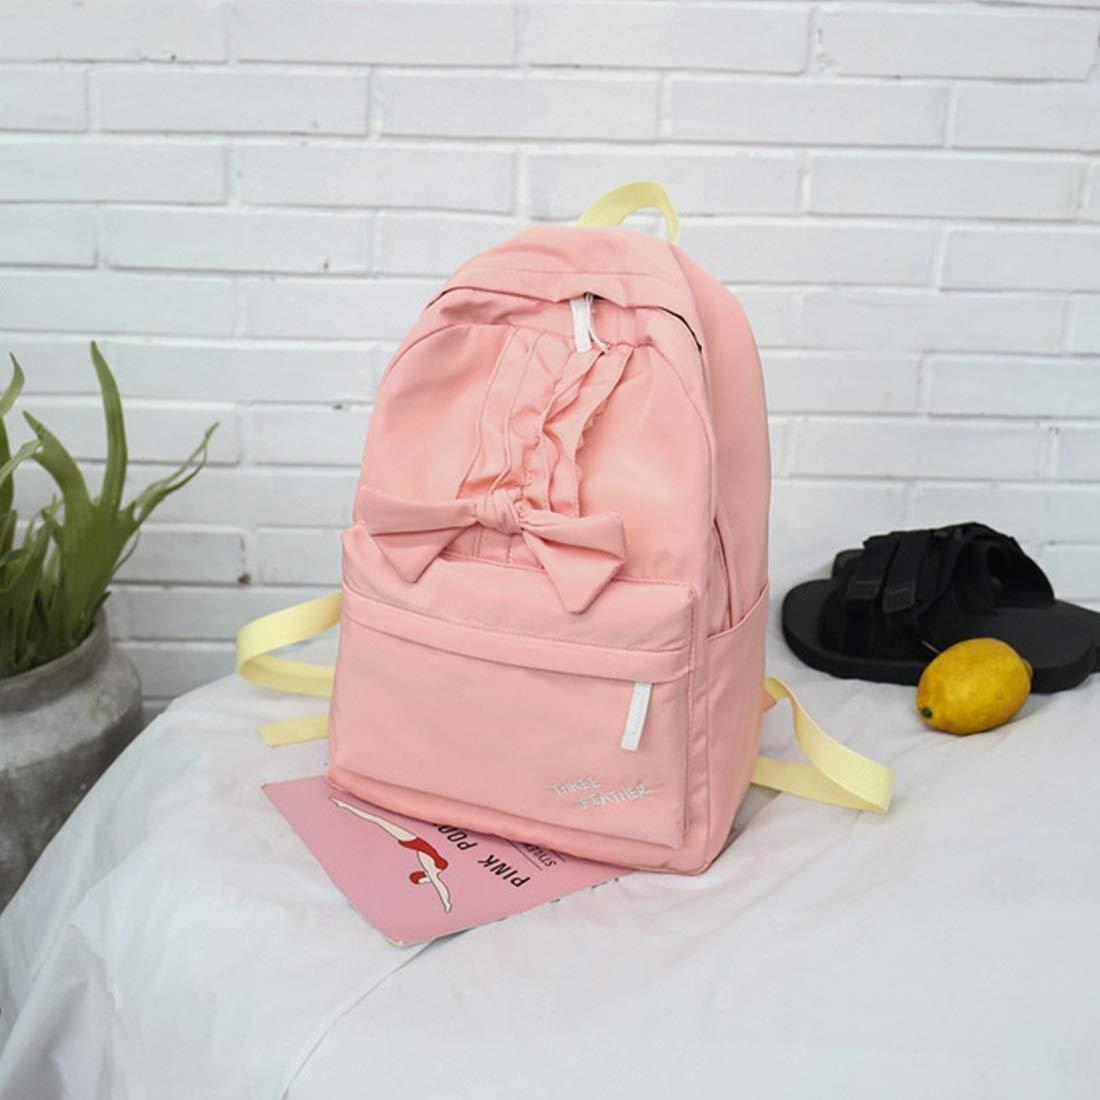 Klerokoh Frauen Rucksack, große Kapazität Kapazität Kapazität Mädchen Daypacks Volltonfarbe Bogen Rucksack Spitze leichte Tasche (Farbe   lila) B07MBPR529 Daypacks Für Ihre Wahl f70542